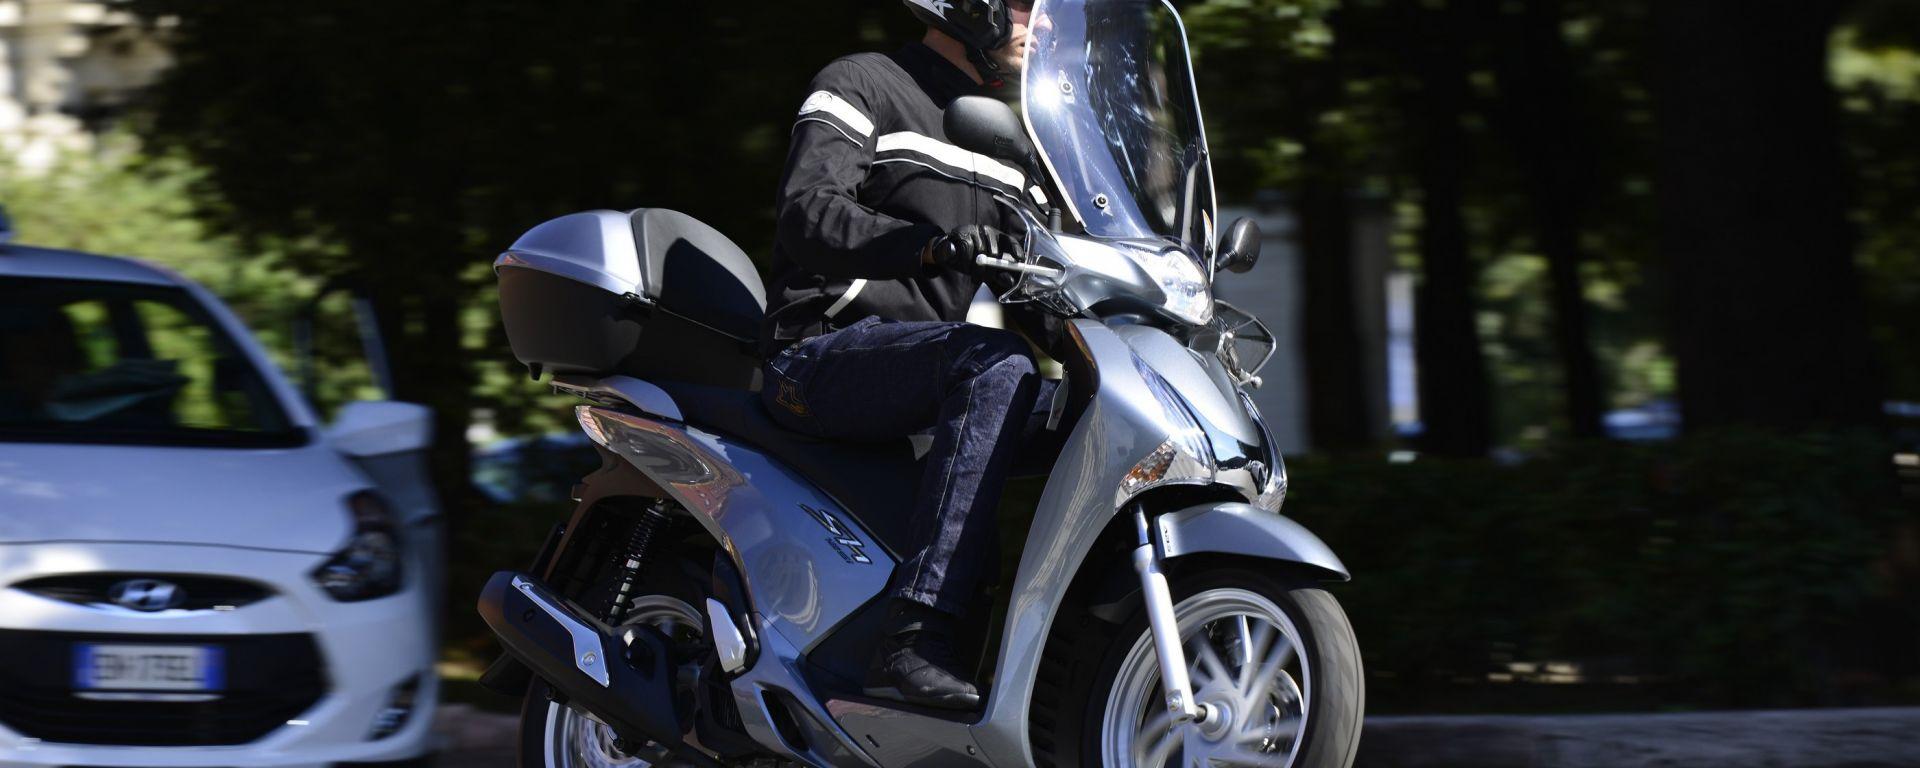 Honda SH 125/150i ABS 2013